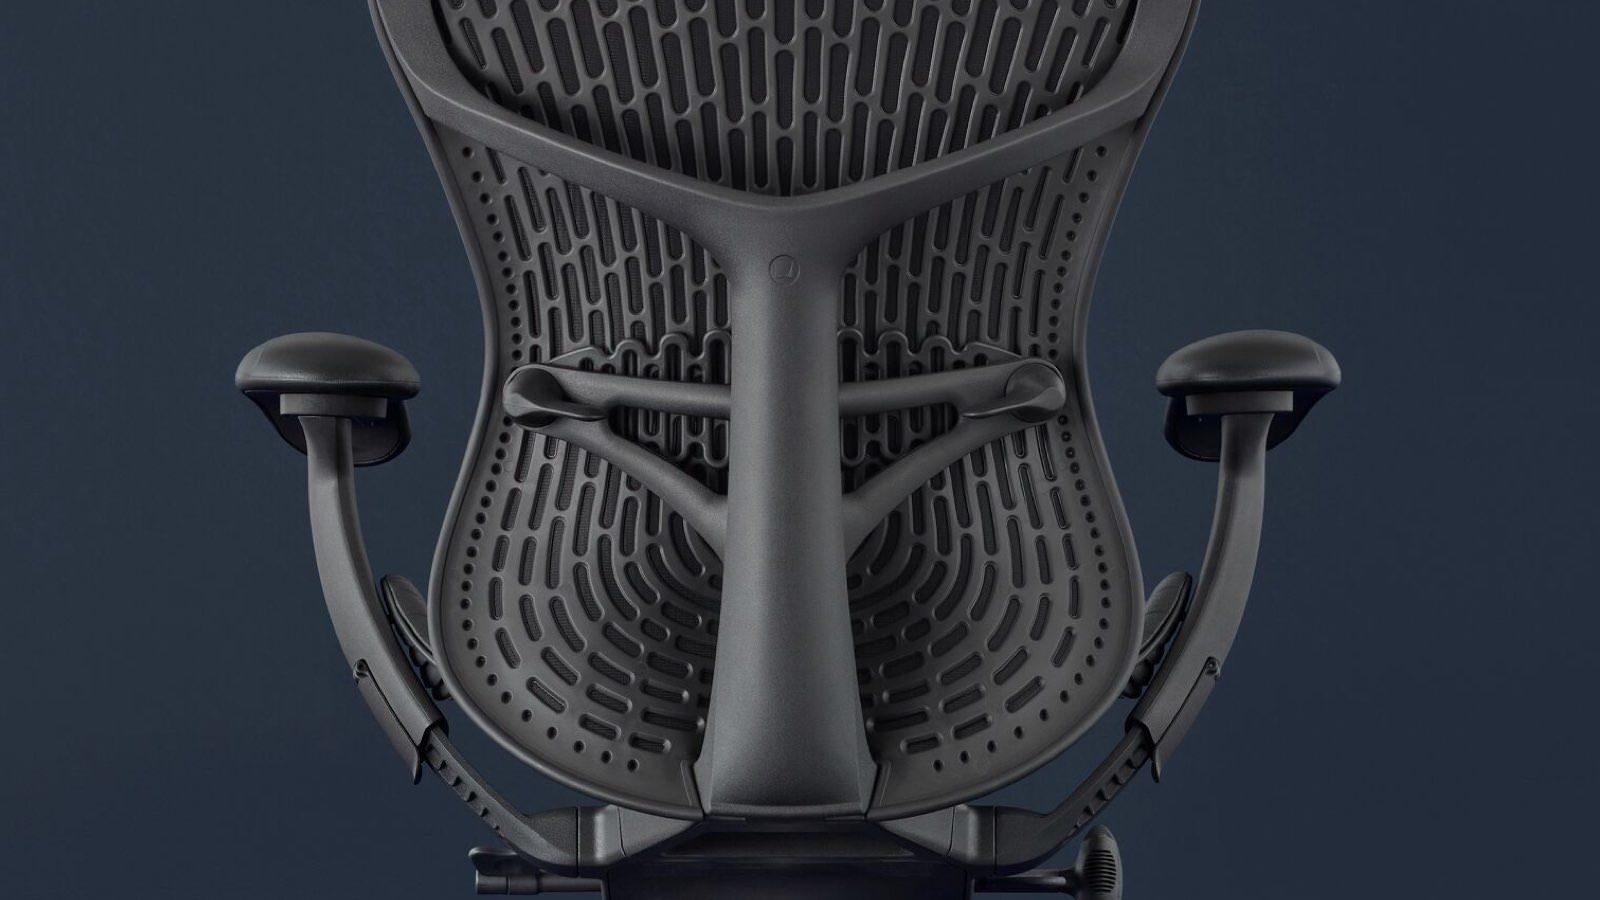 herman miller mirra2 chair back detail